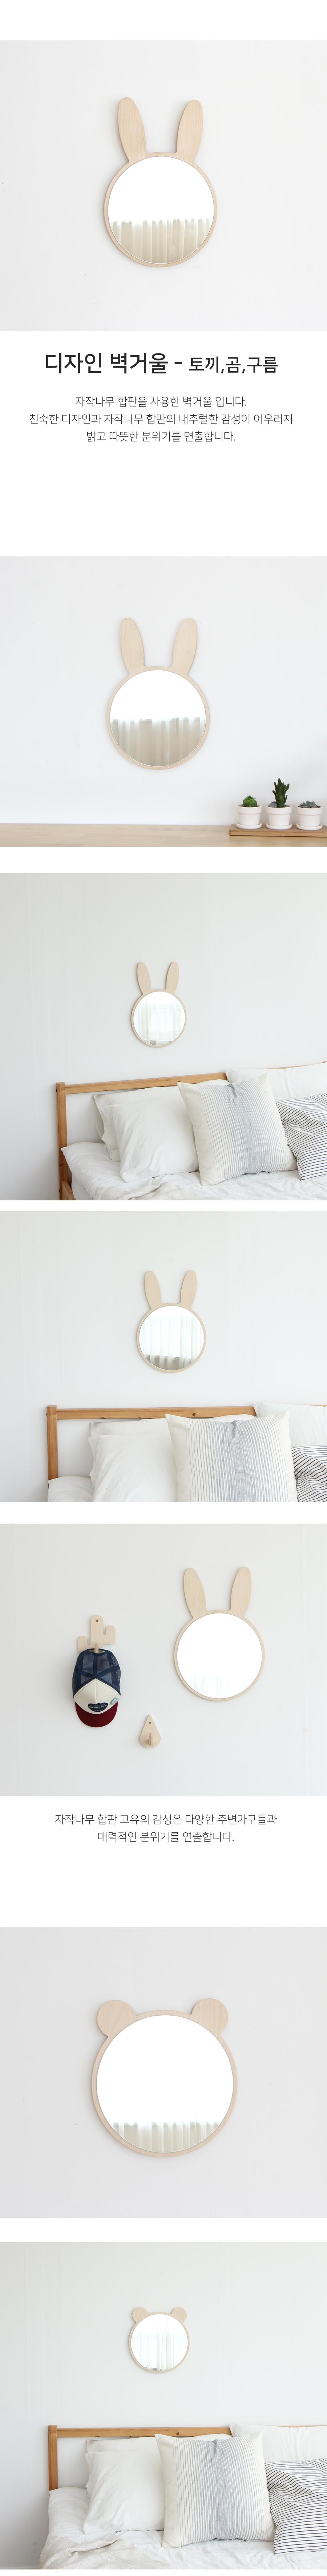 아이방 벽거울 - 곰 토끼 구름 - 럼버잭, 43,000원, 거울, 벽걸이거울